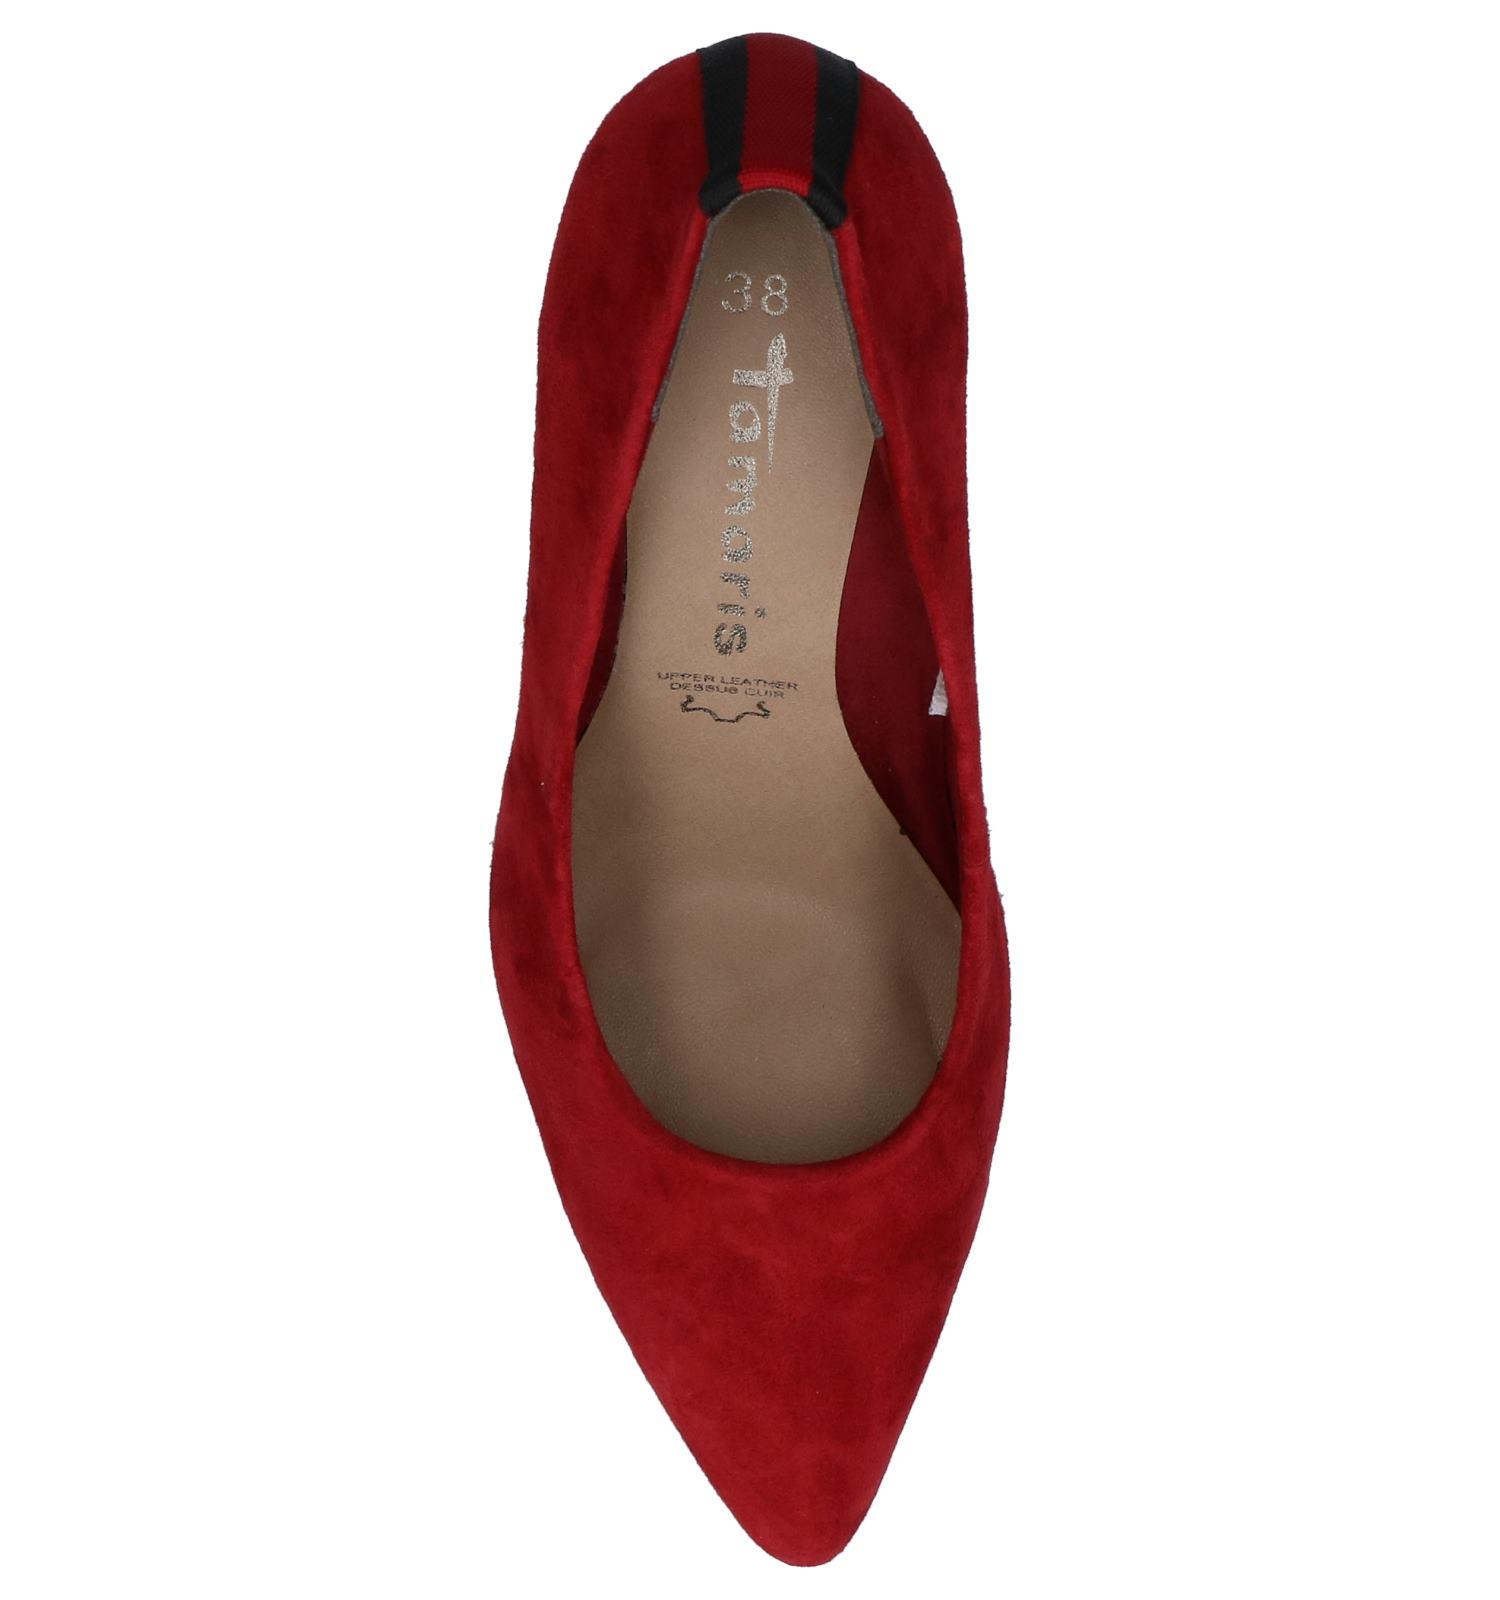 Tamaris Escarpins classique en Rouge | TORFS.BE | Livraison